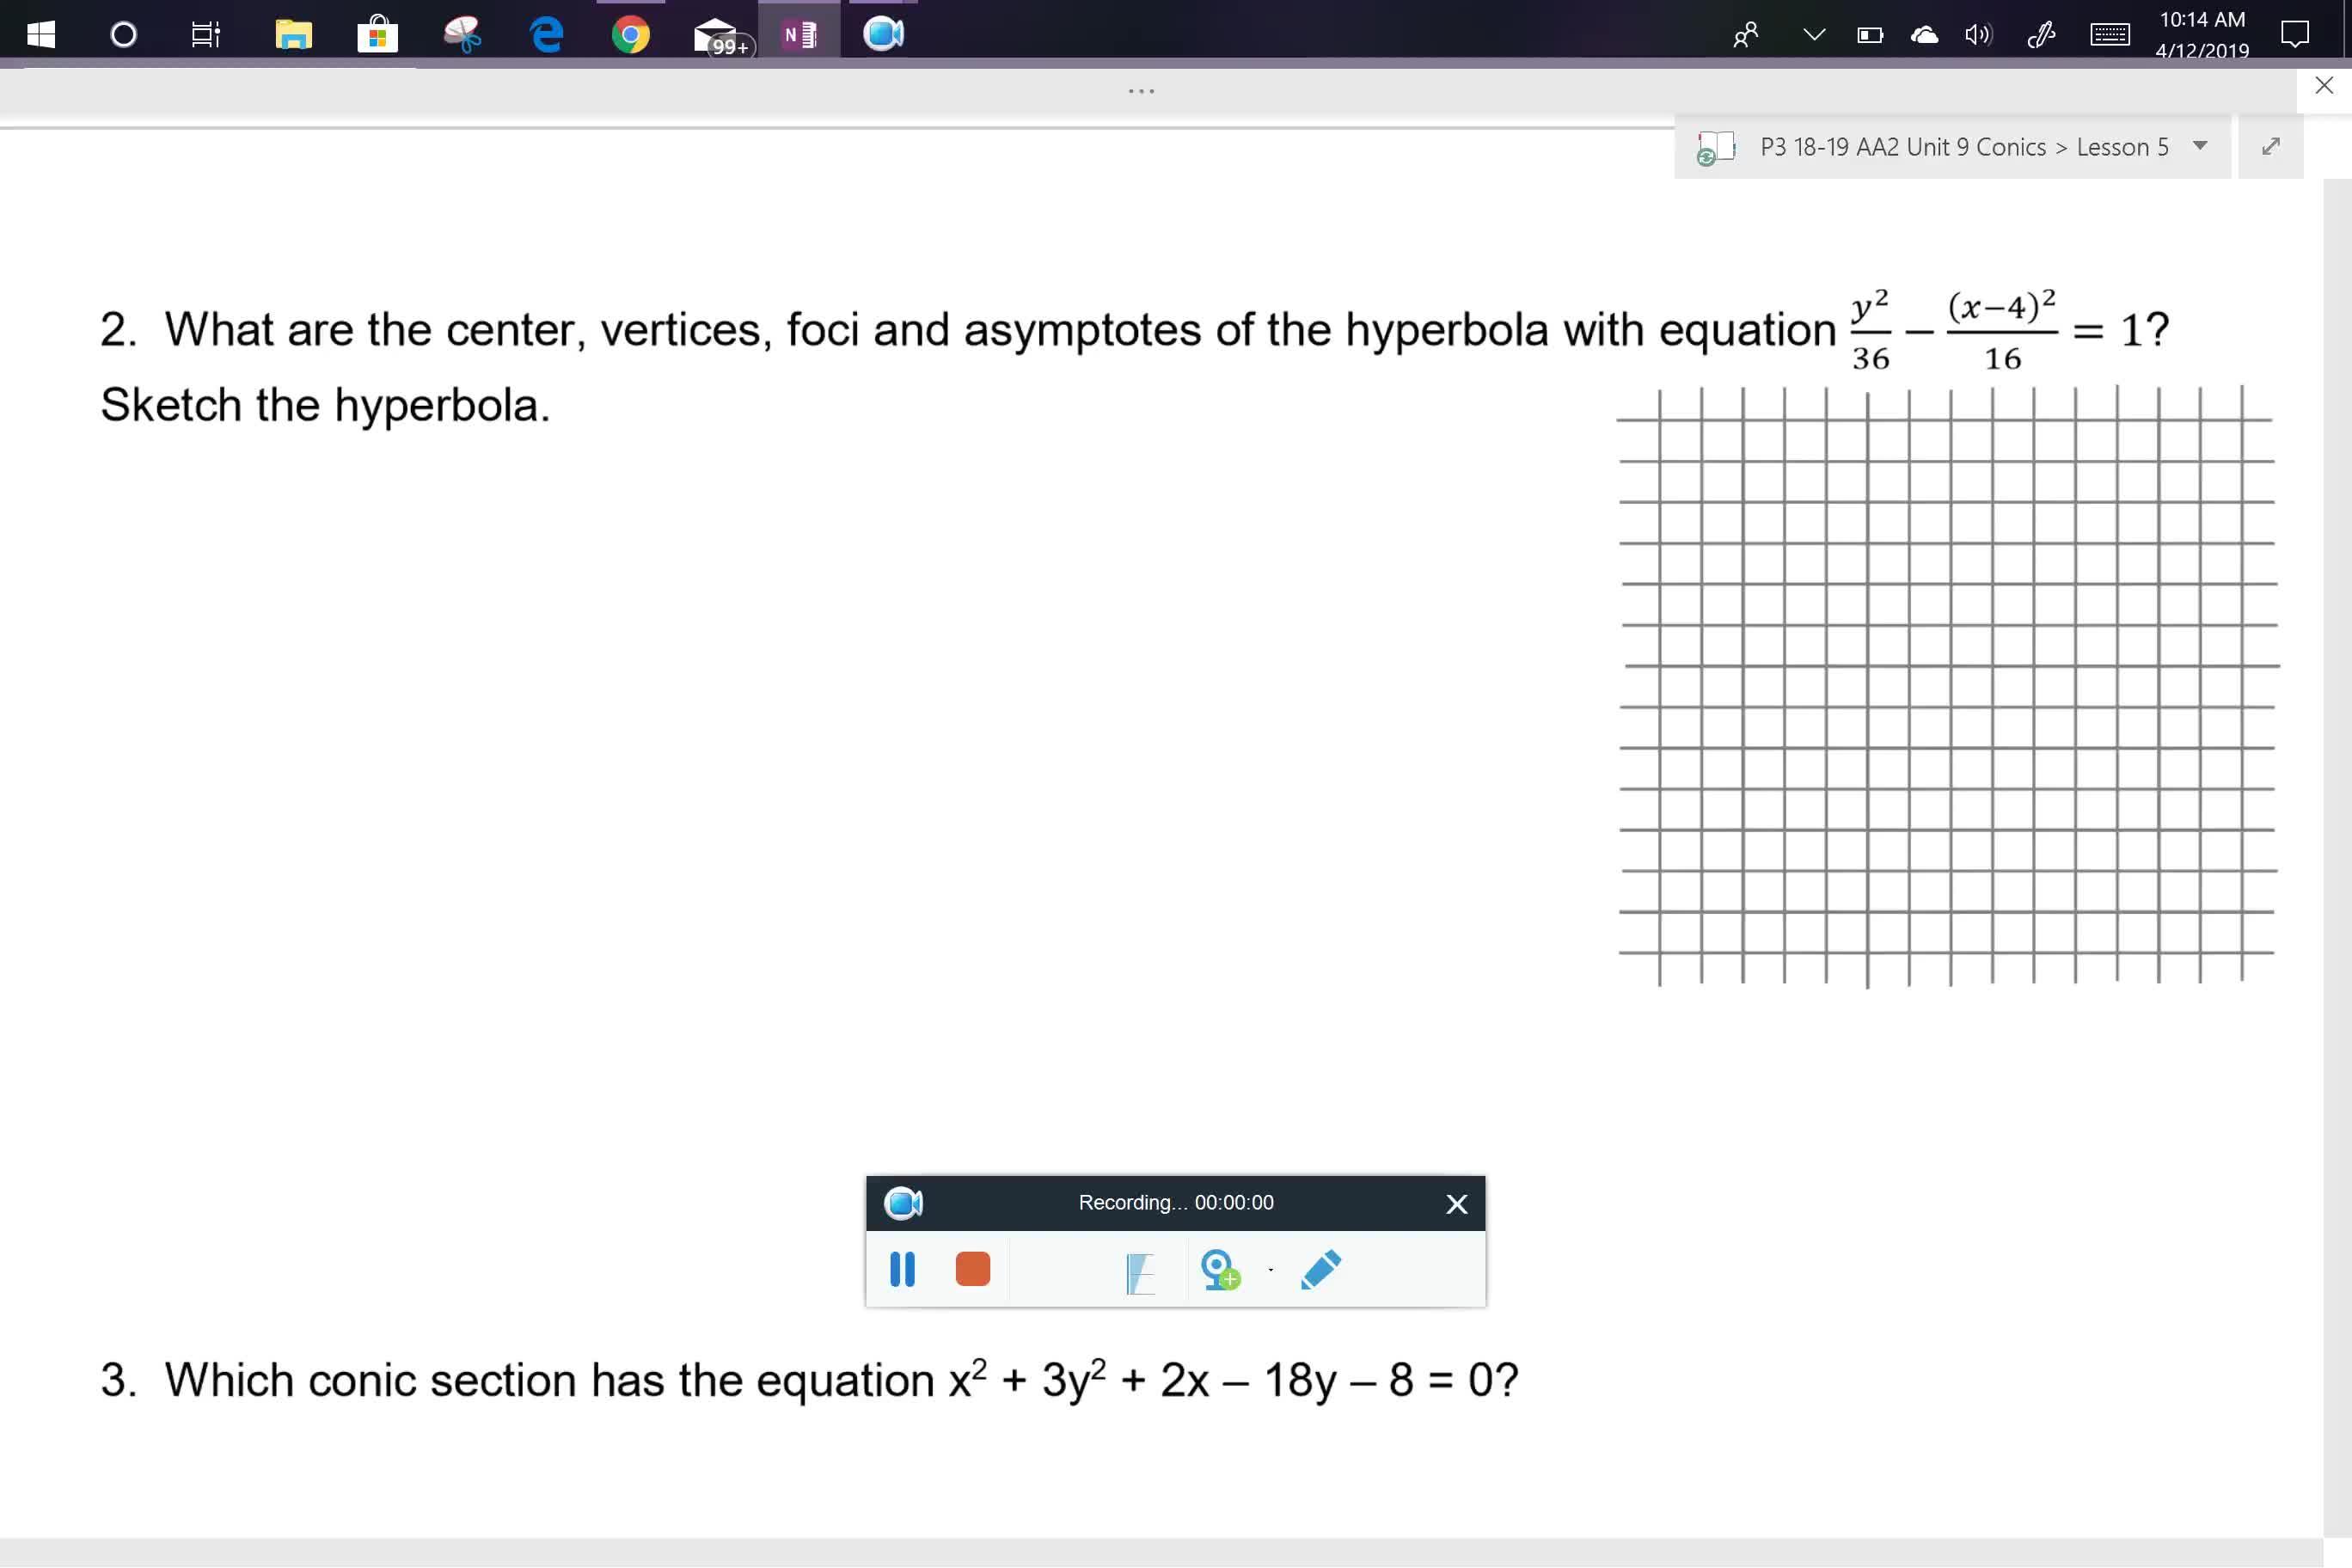 AA2 Period 3 U9L5 problem 2